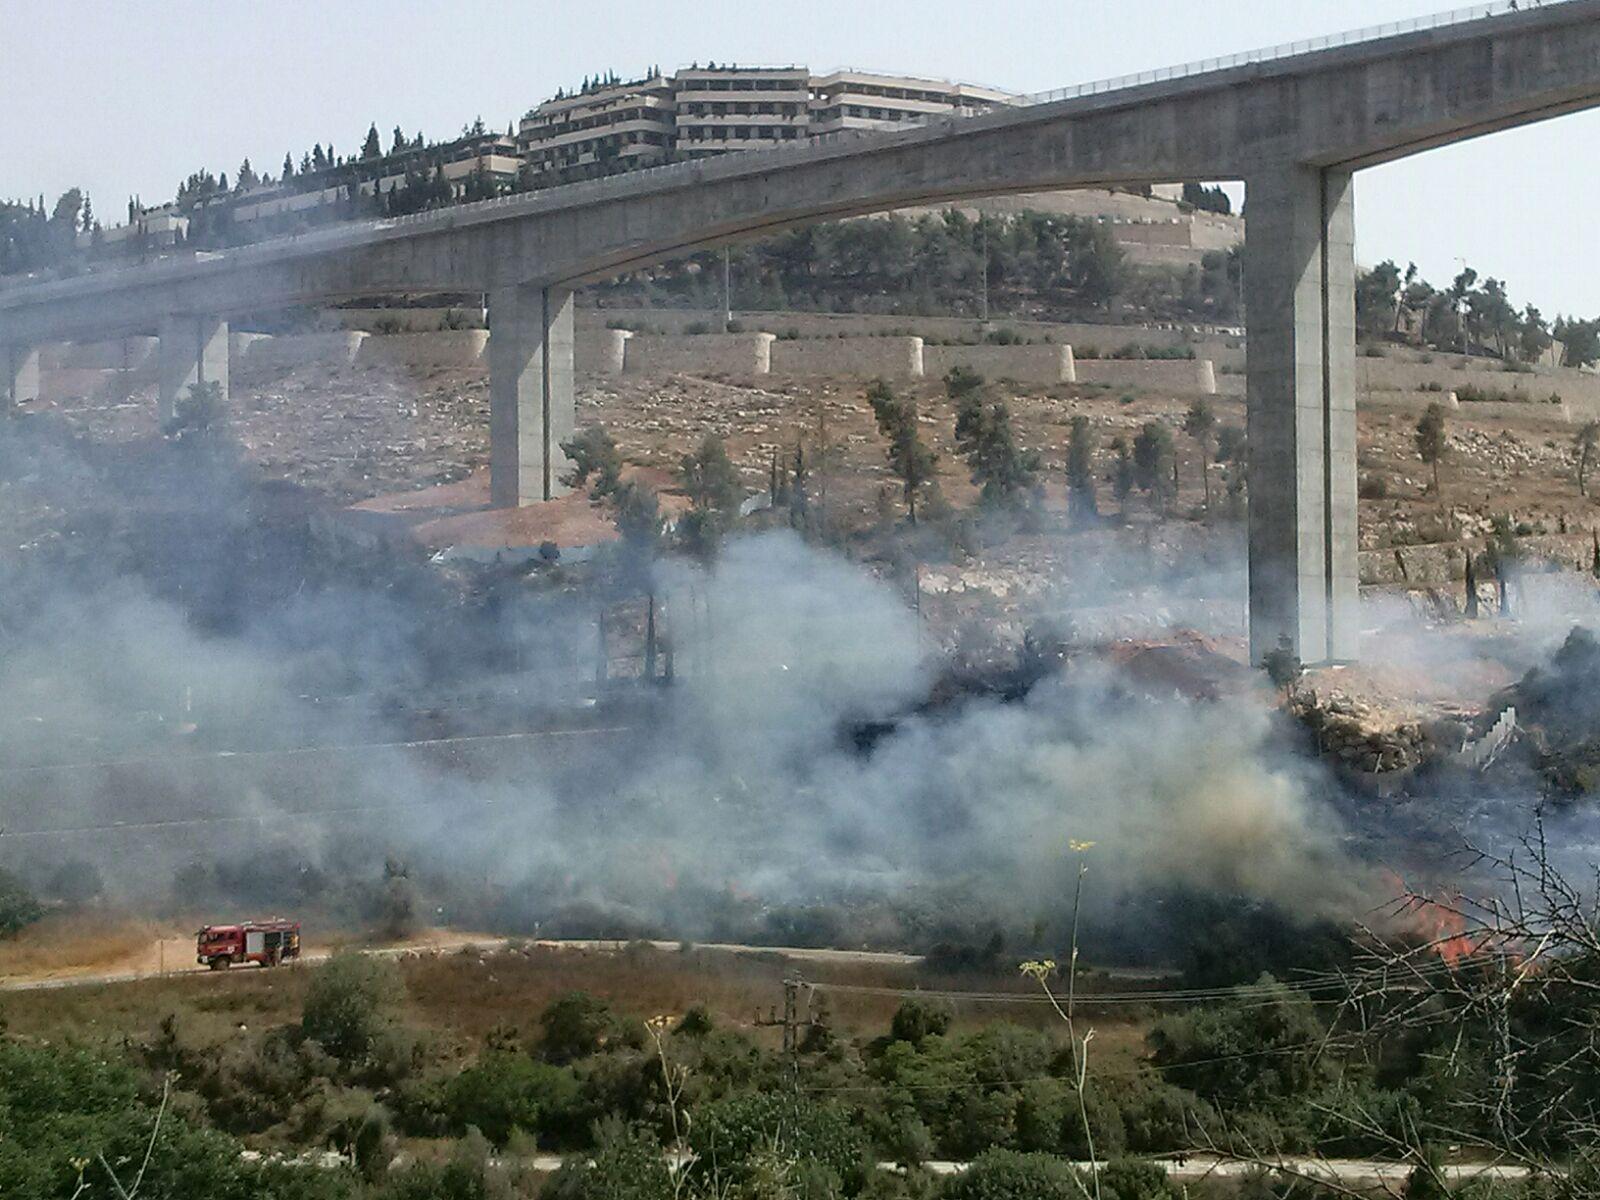 שריפה בעמק הארזים; מטוסי הכיבוי הוזעקו